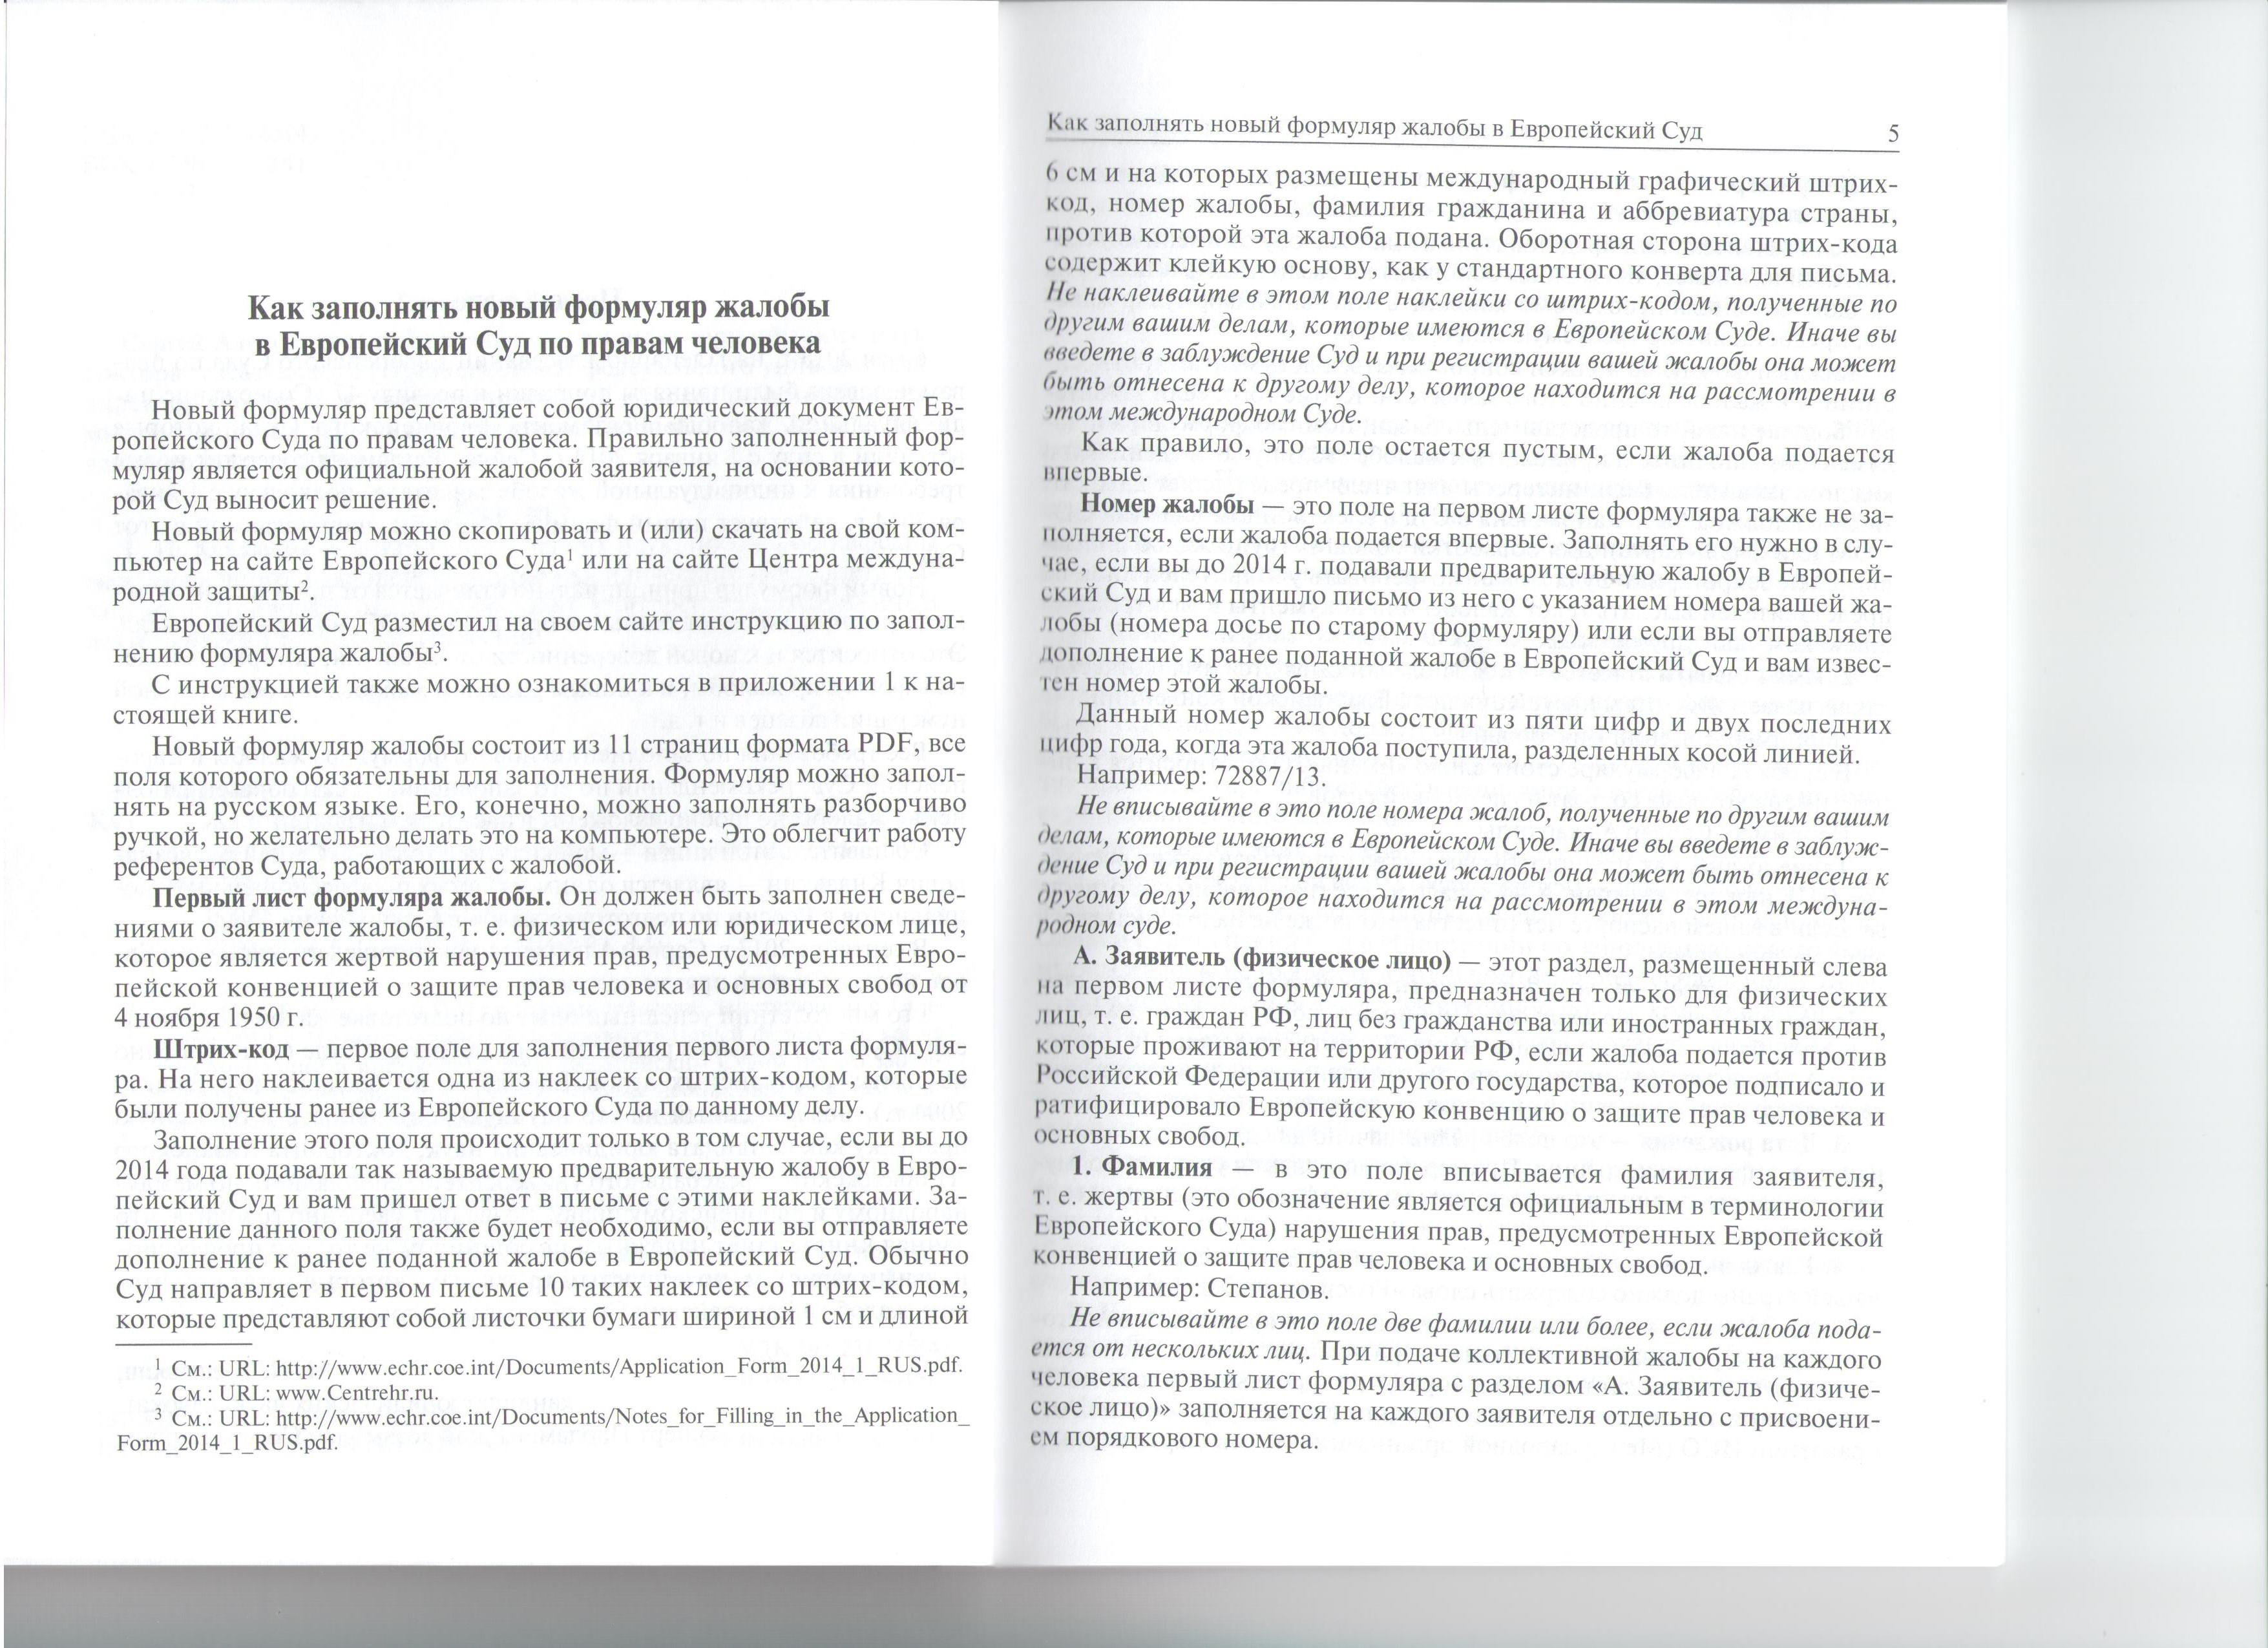 Реферат европейский суд по правам человека woosoftware